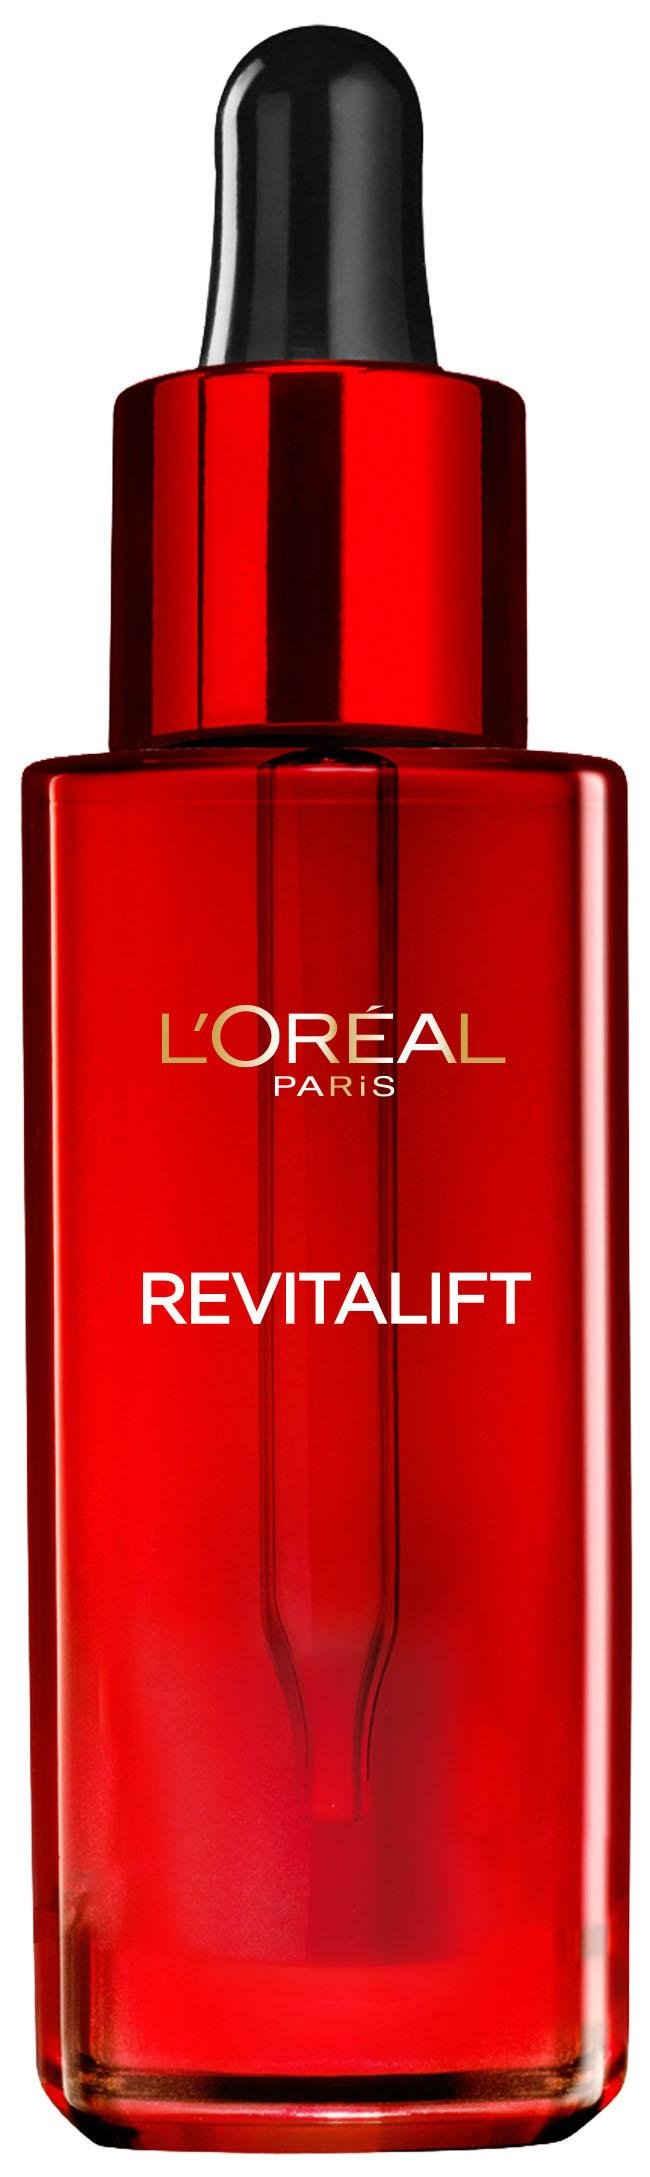 L'ORÉAL PARIS Gesichtsserum »Revitalift«, glättend, feuchtigkeitsspendend